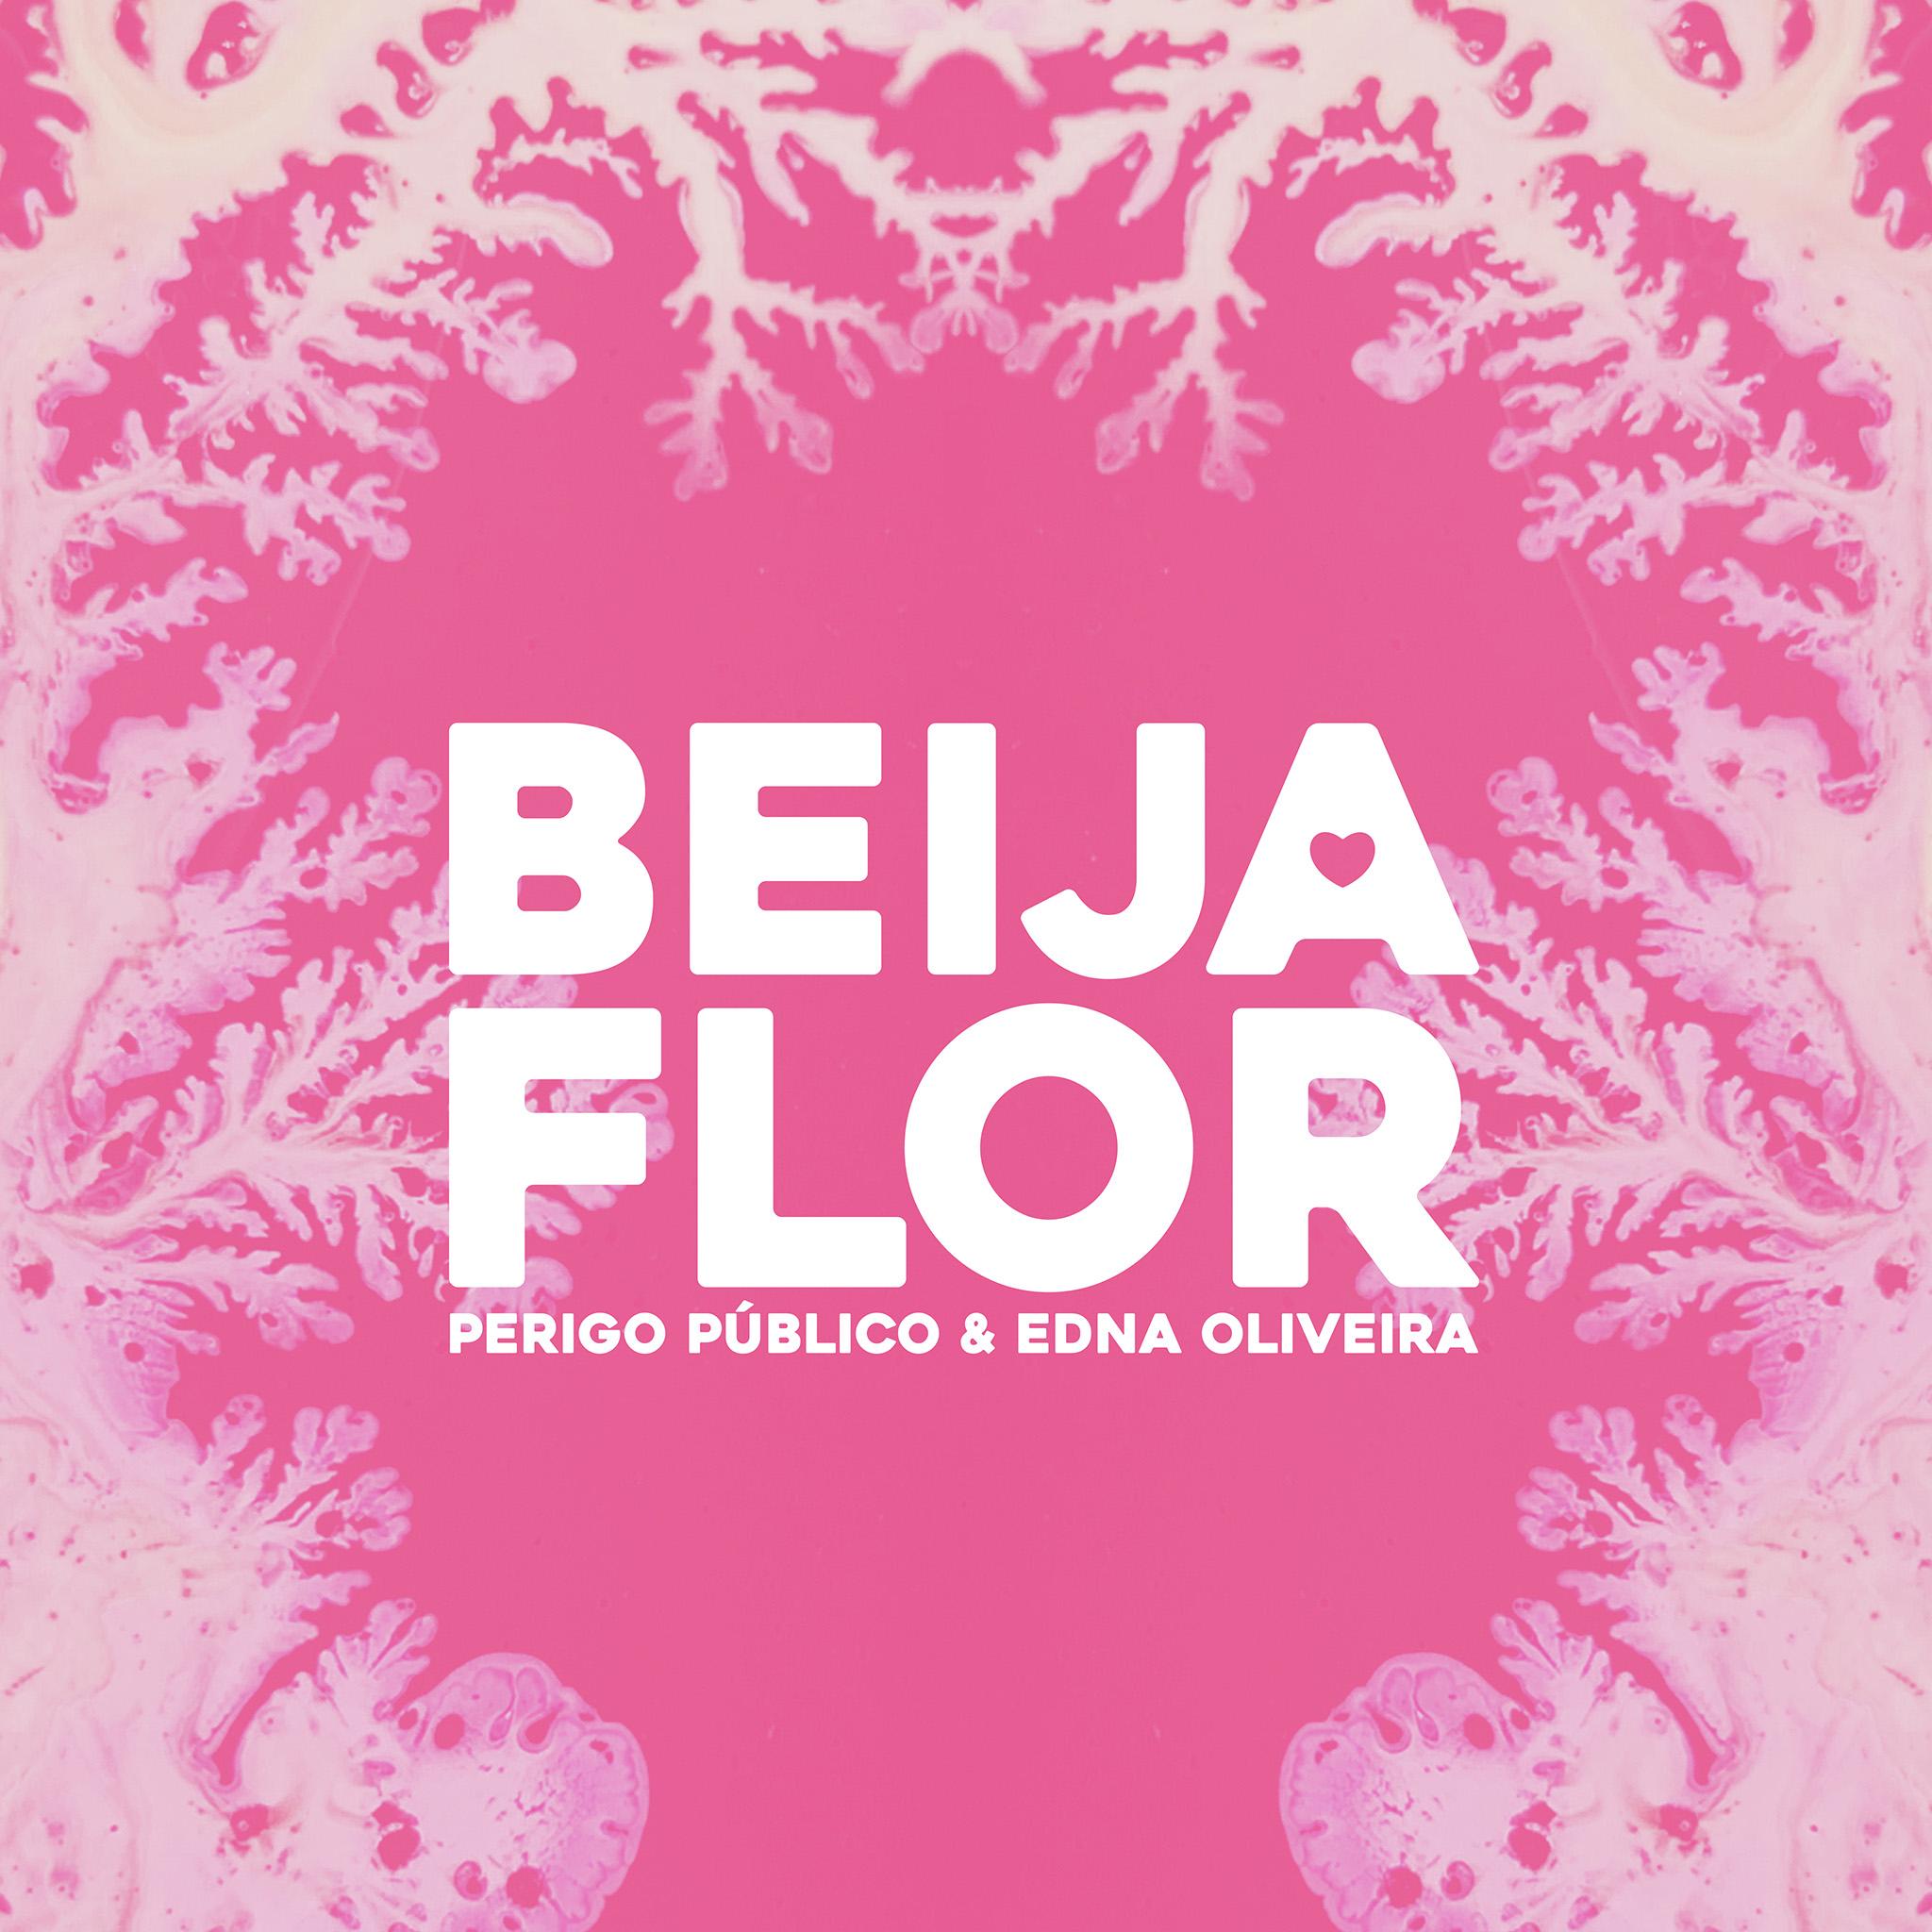 Perigo Público & Edna Oliveira - Beija-flor